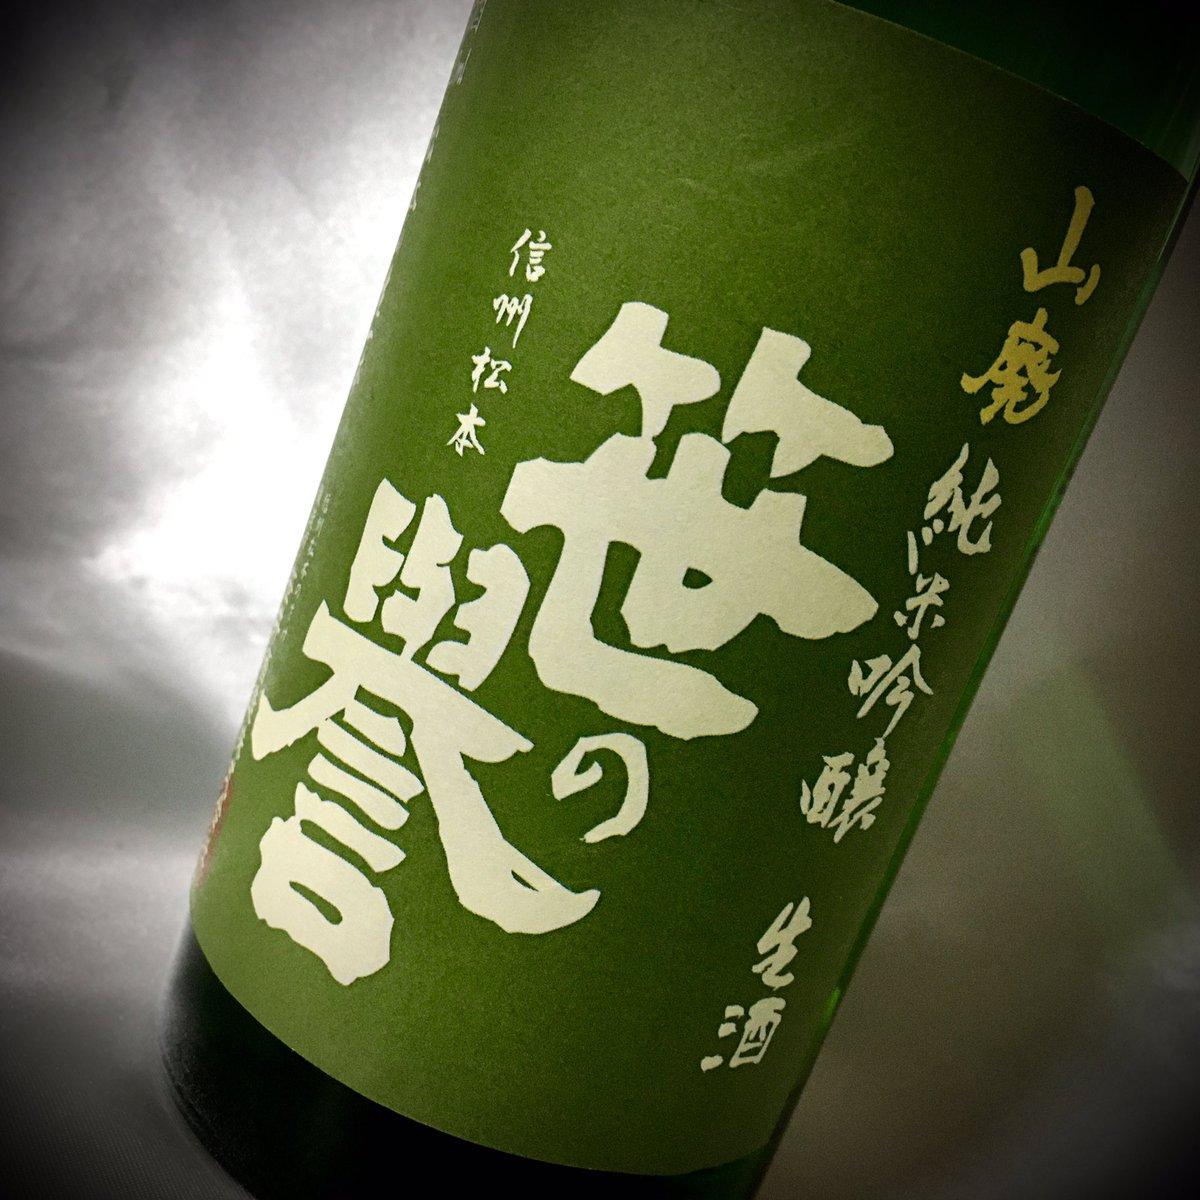 test ツイッターメディア - 松本市 笹井酒造さん 笹の誉 山廃 純米吟醸 生酒  笹井さんR2BYの山廃。 酵母、乳酸を無添加の自然派。  お料理を活かしてくれる感じ。 食中酒で楽しく飲める。 美味いなー。  生酒と火入れの2種類あるとの事。 飲み比べて好きなタイプを探すのも良いかも。 https://t.co/TRuRPNuBpe